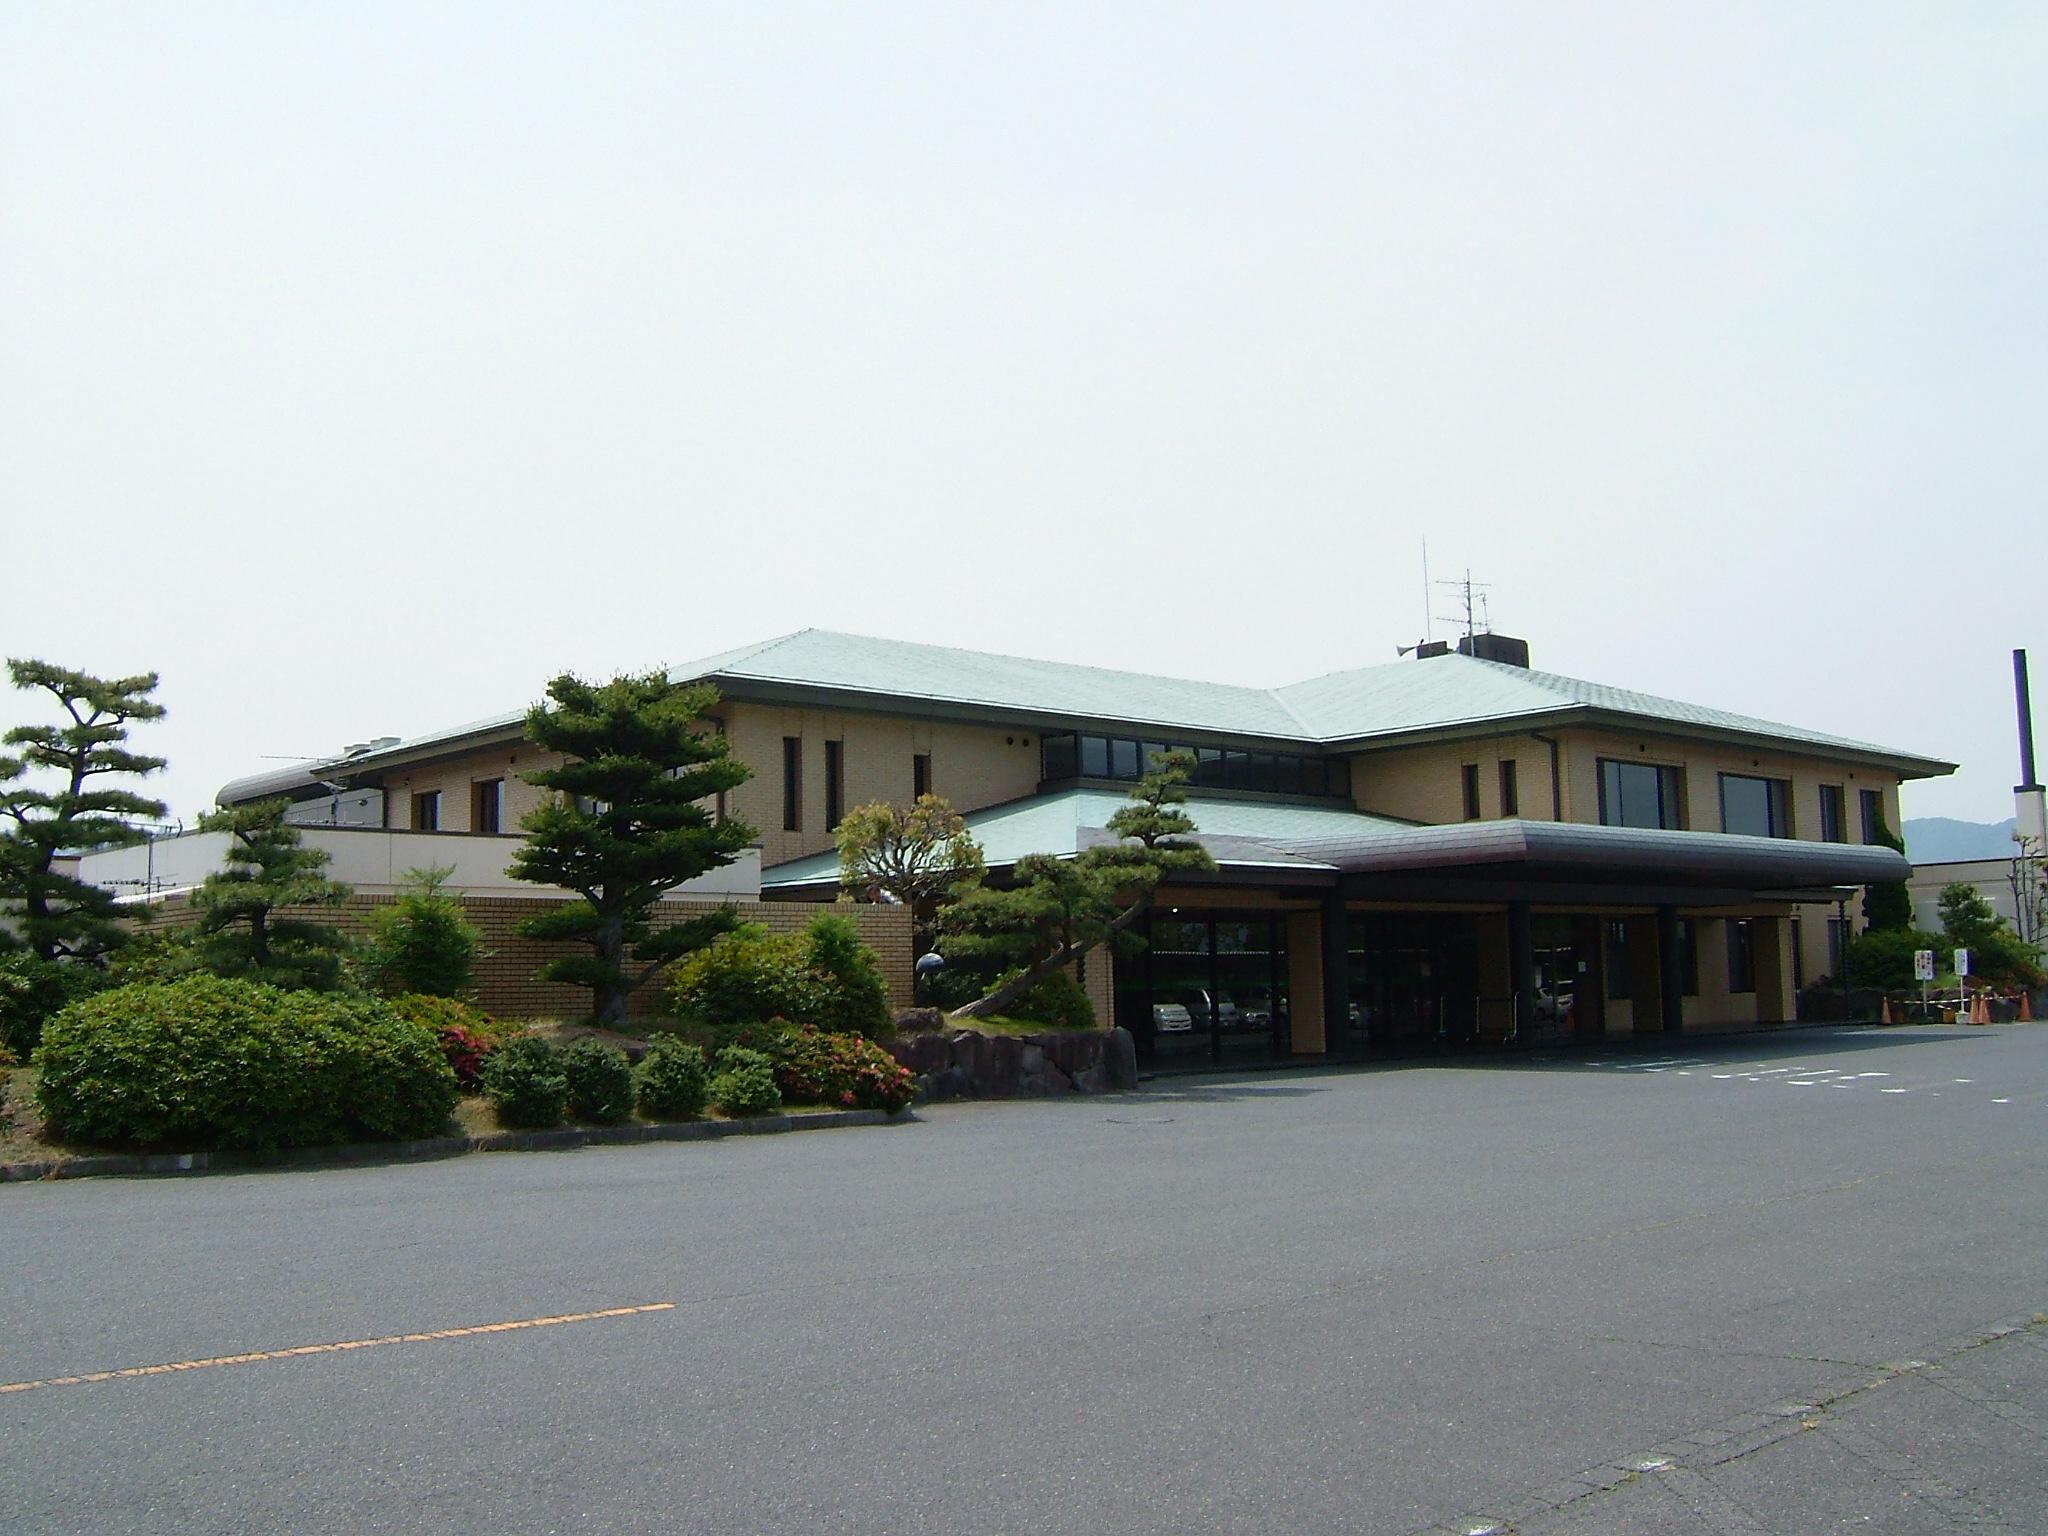 大阪府・関空クラシックゴルフ倶楽部(砂川国際GC)